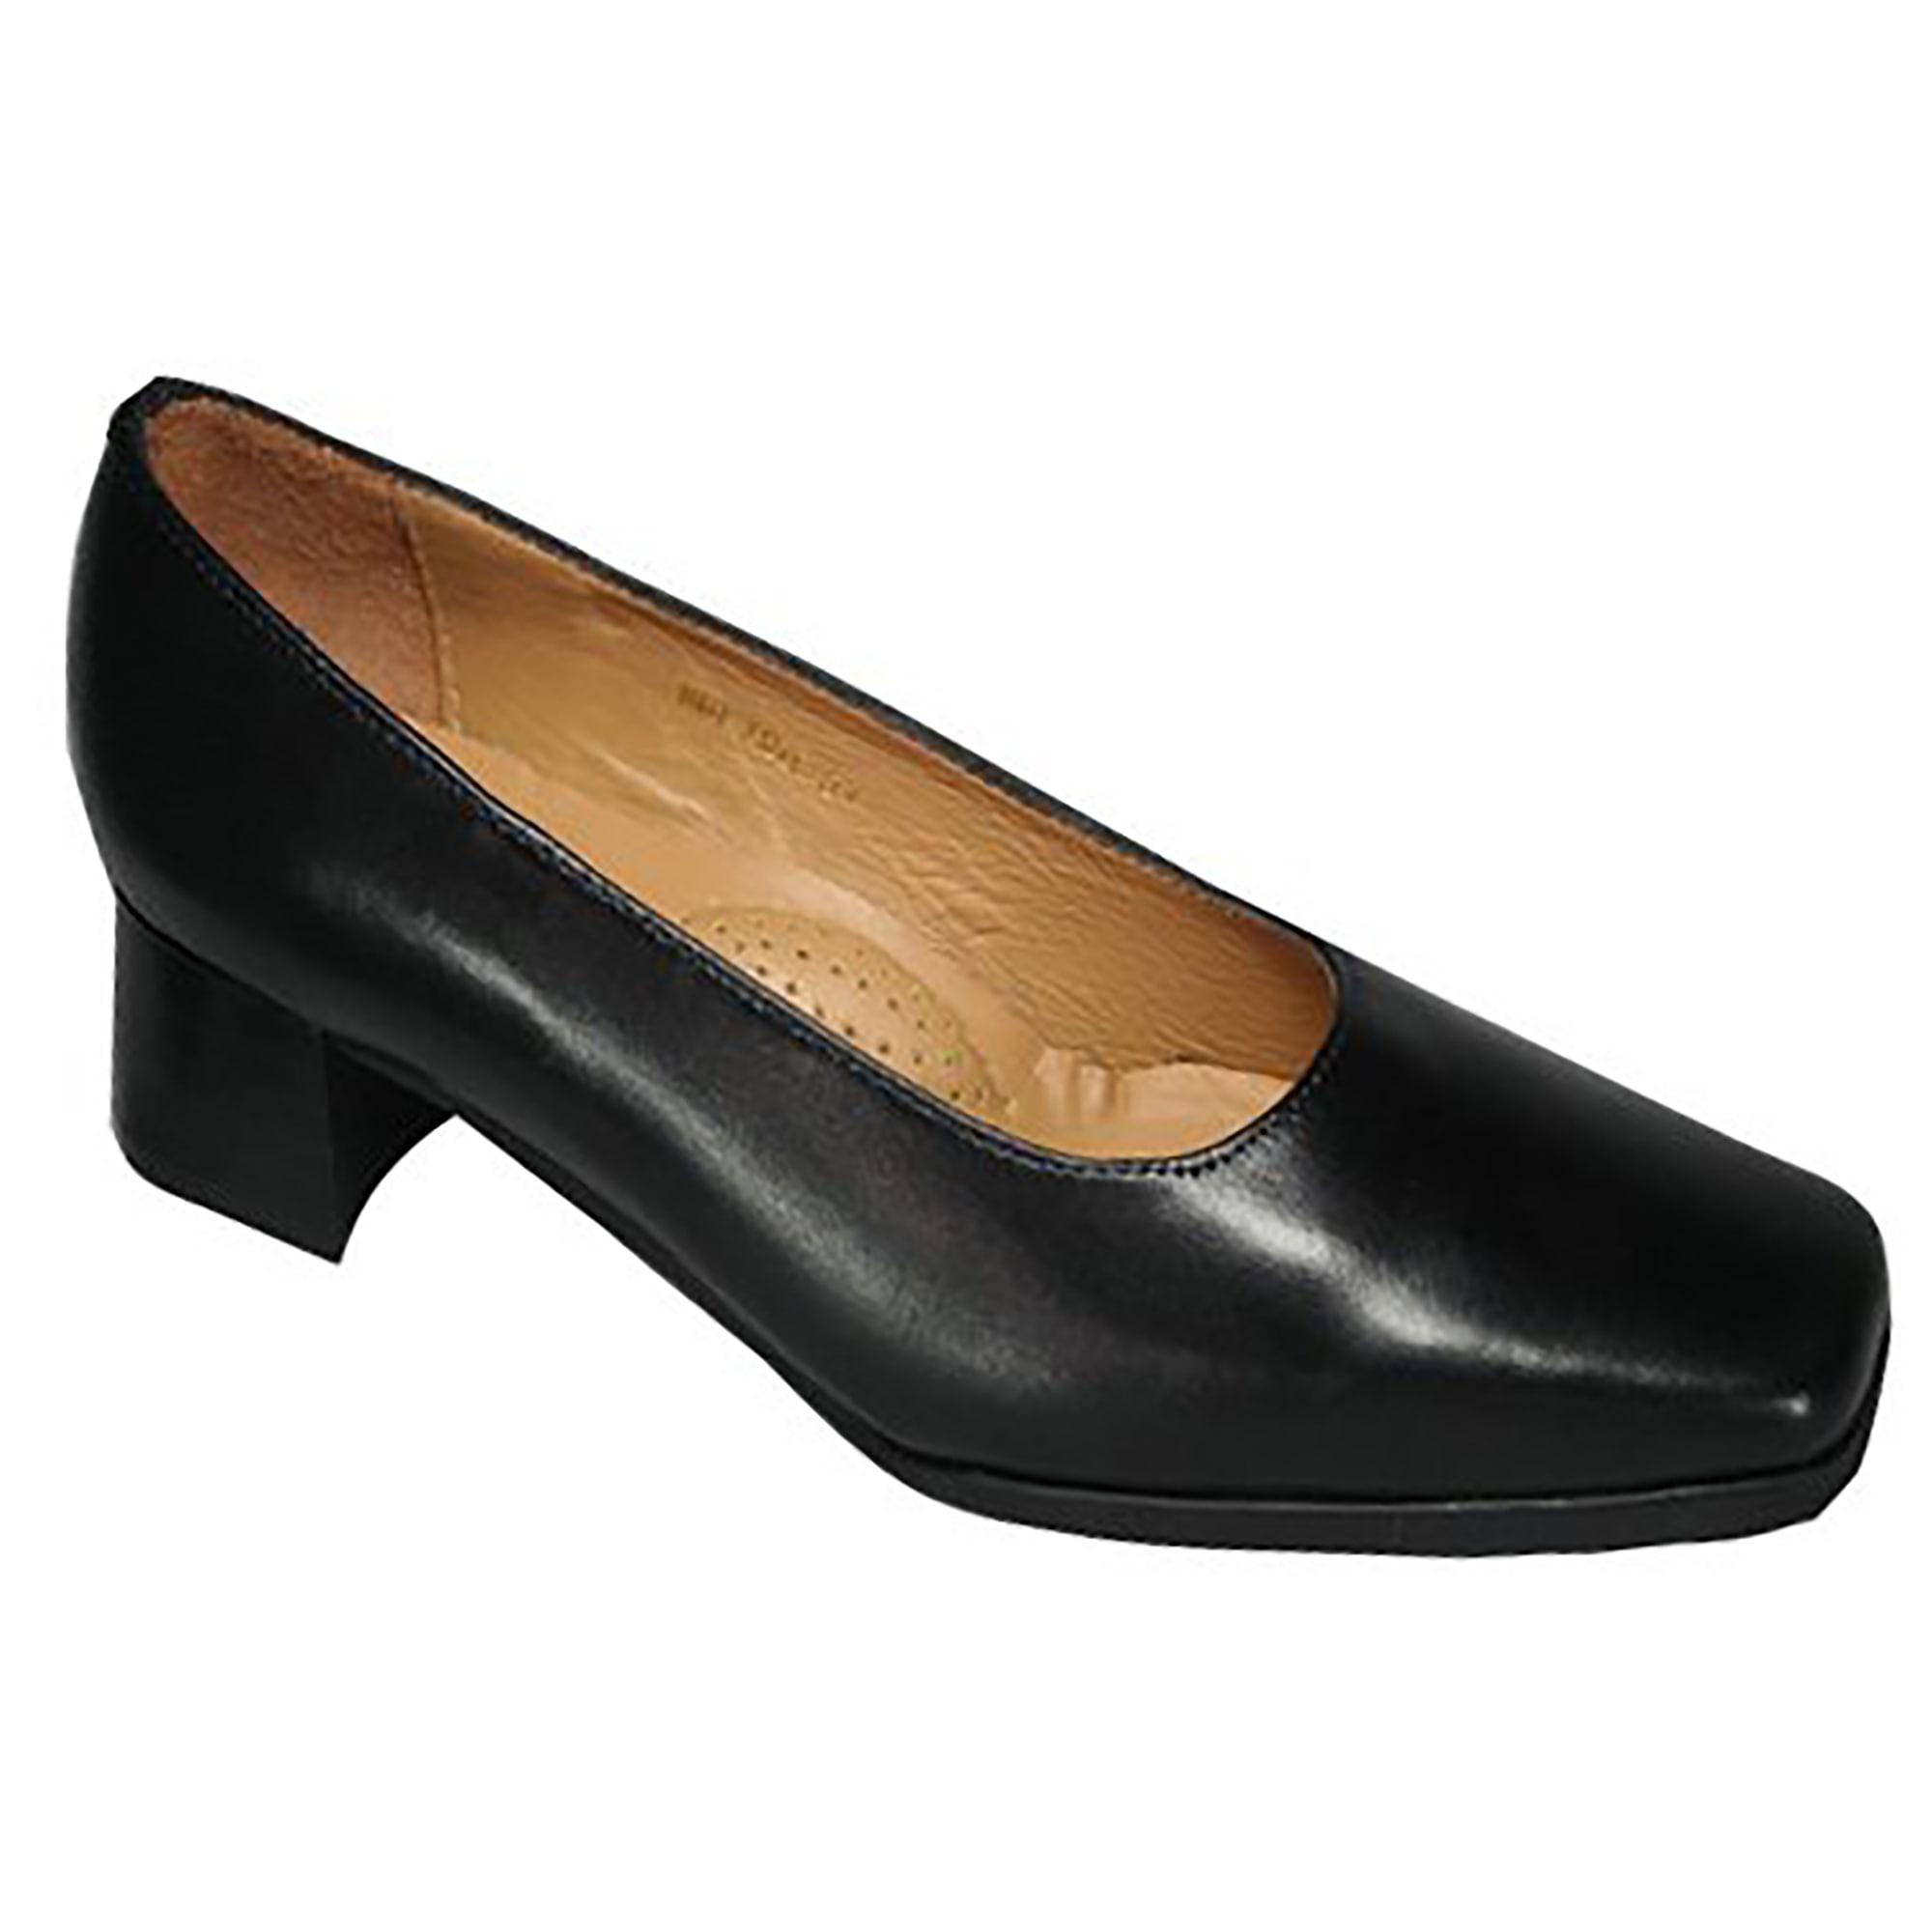 Image of Amblers Safety Pumps »Walford Damen Leder / Damen Schuhe«